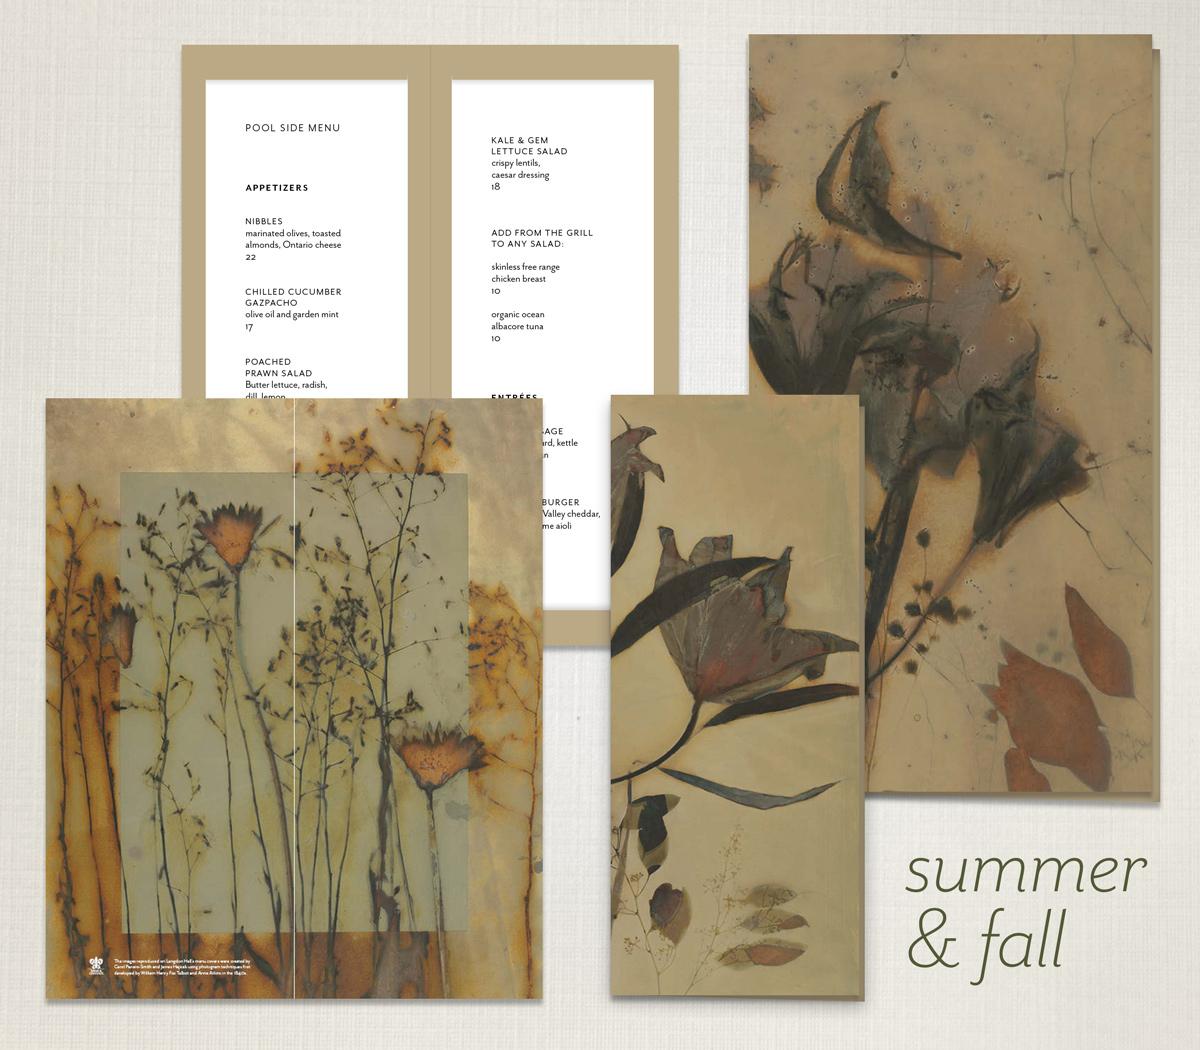 RESTAURANT-LH-Summer-menus